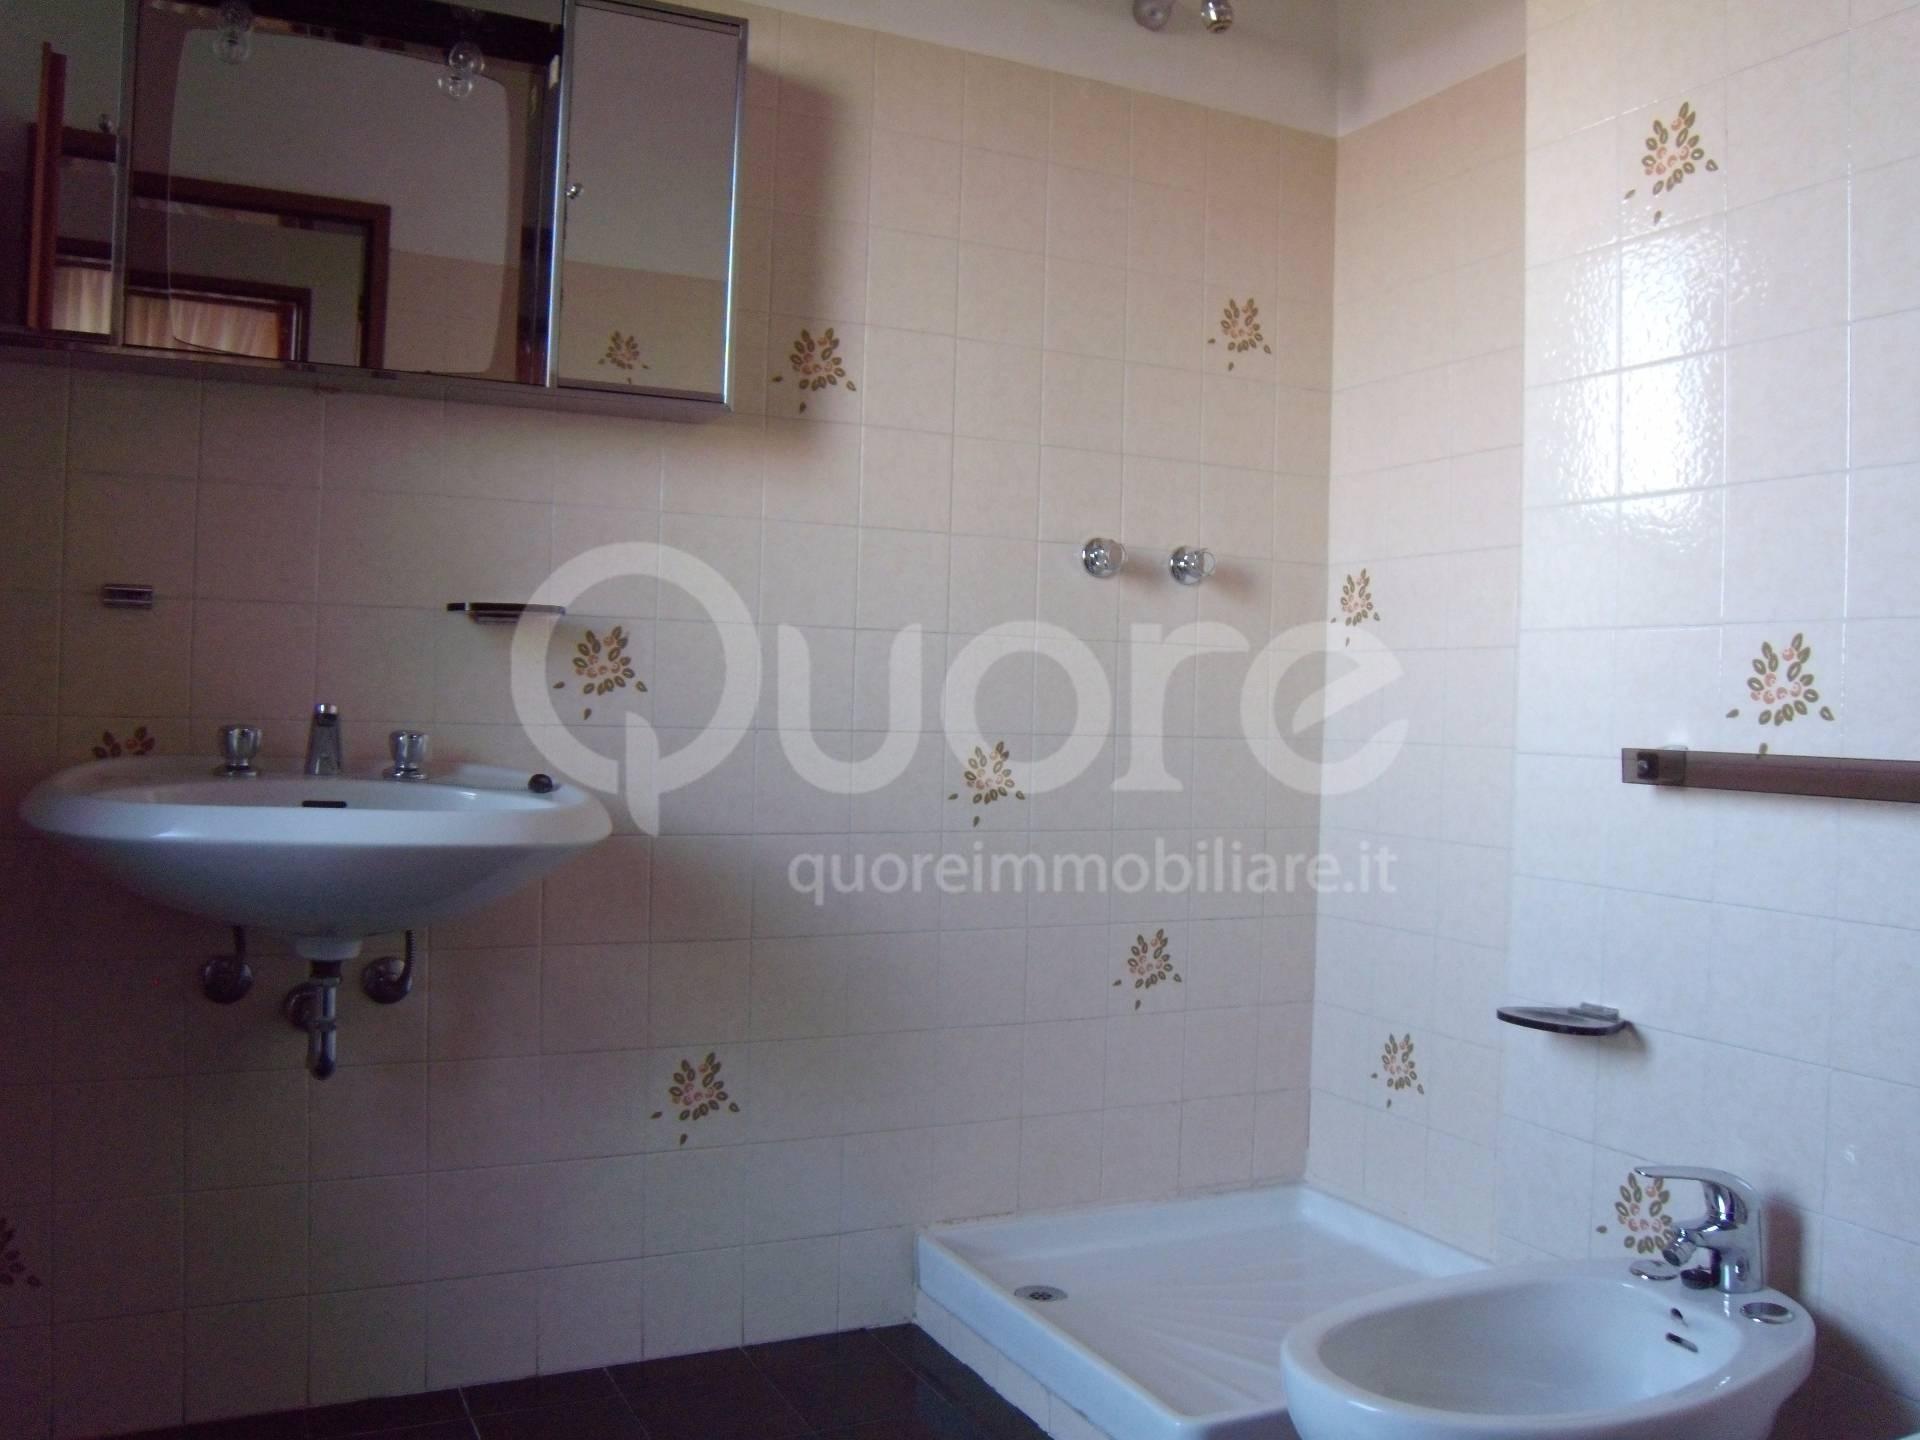 Bilocale Udine Via Pirona 5